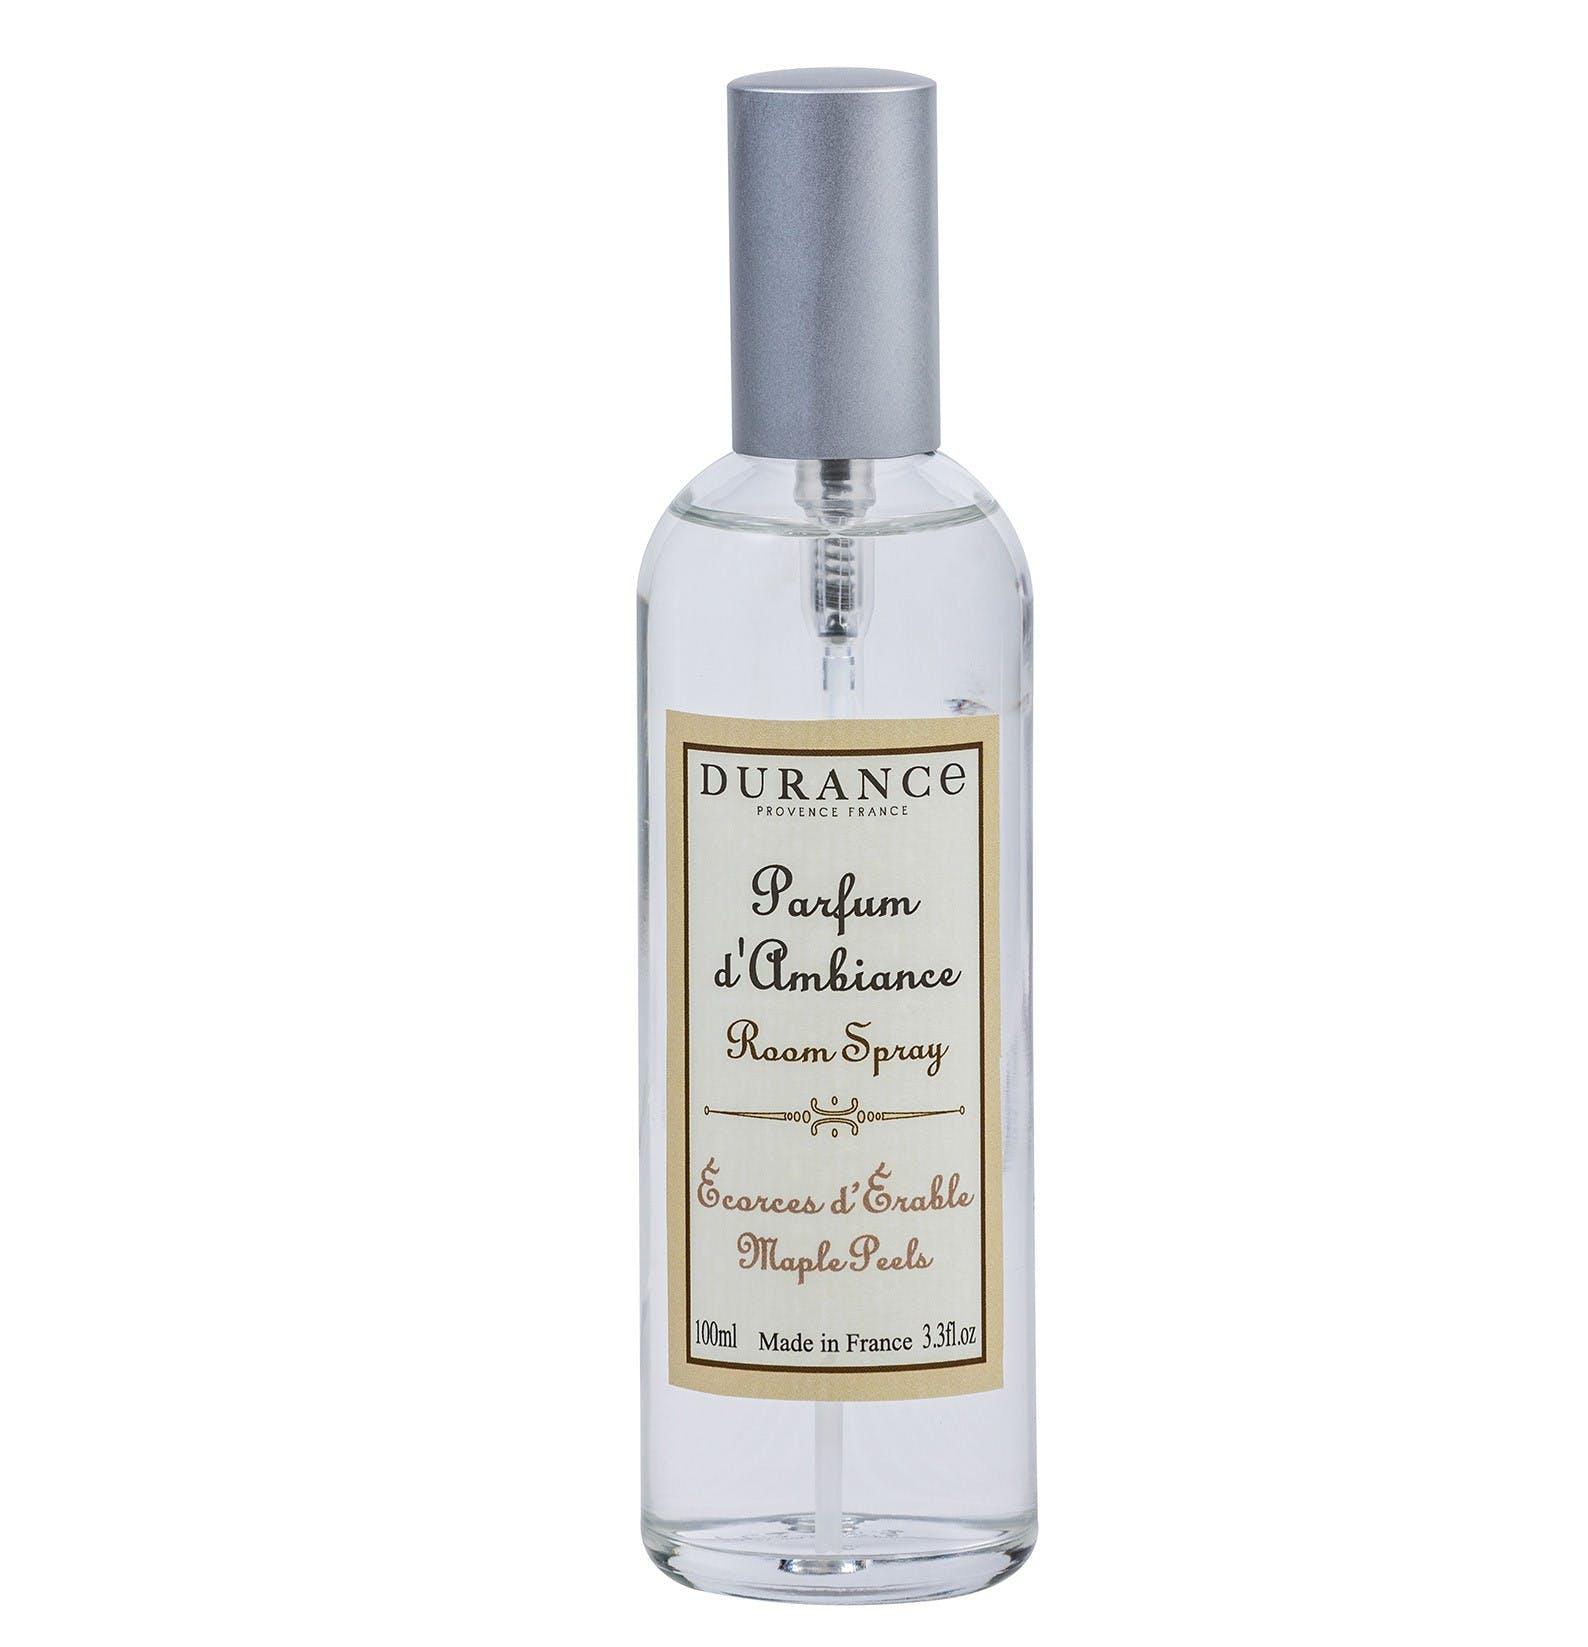 Parfum d'ambiance Ecorces d'Erable 100mL DURANCE